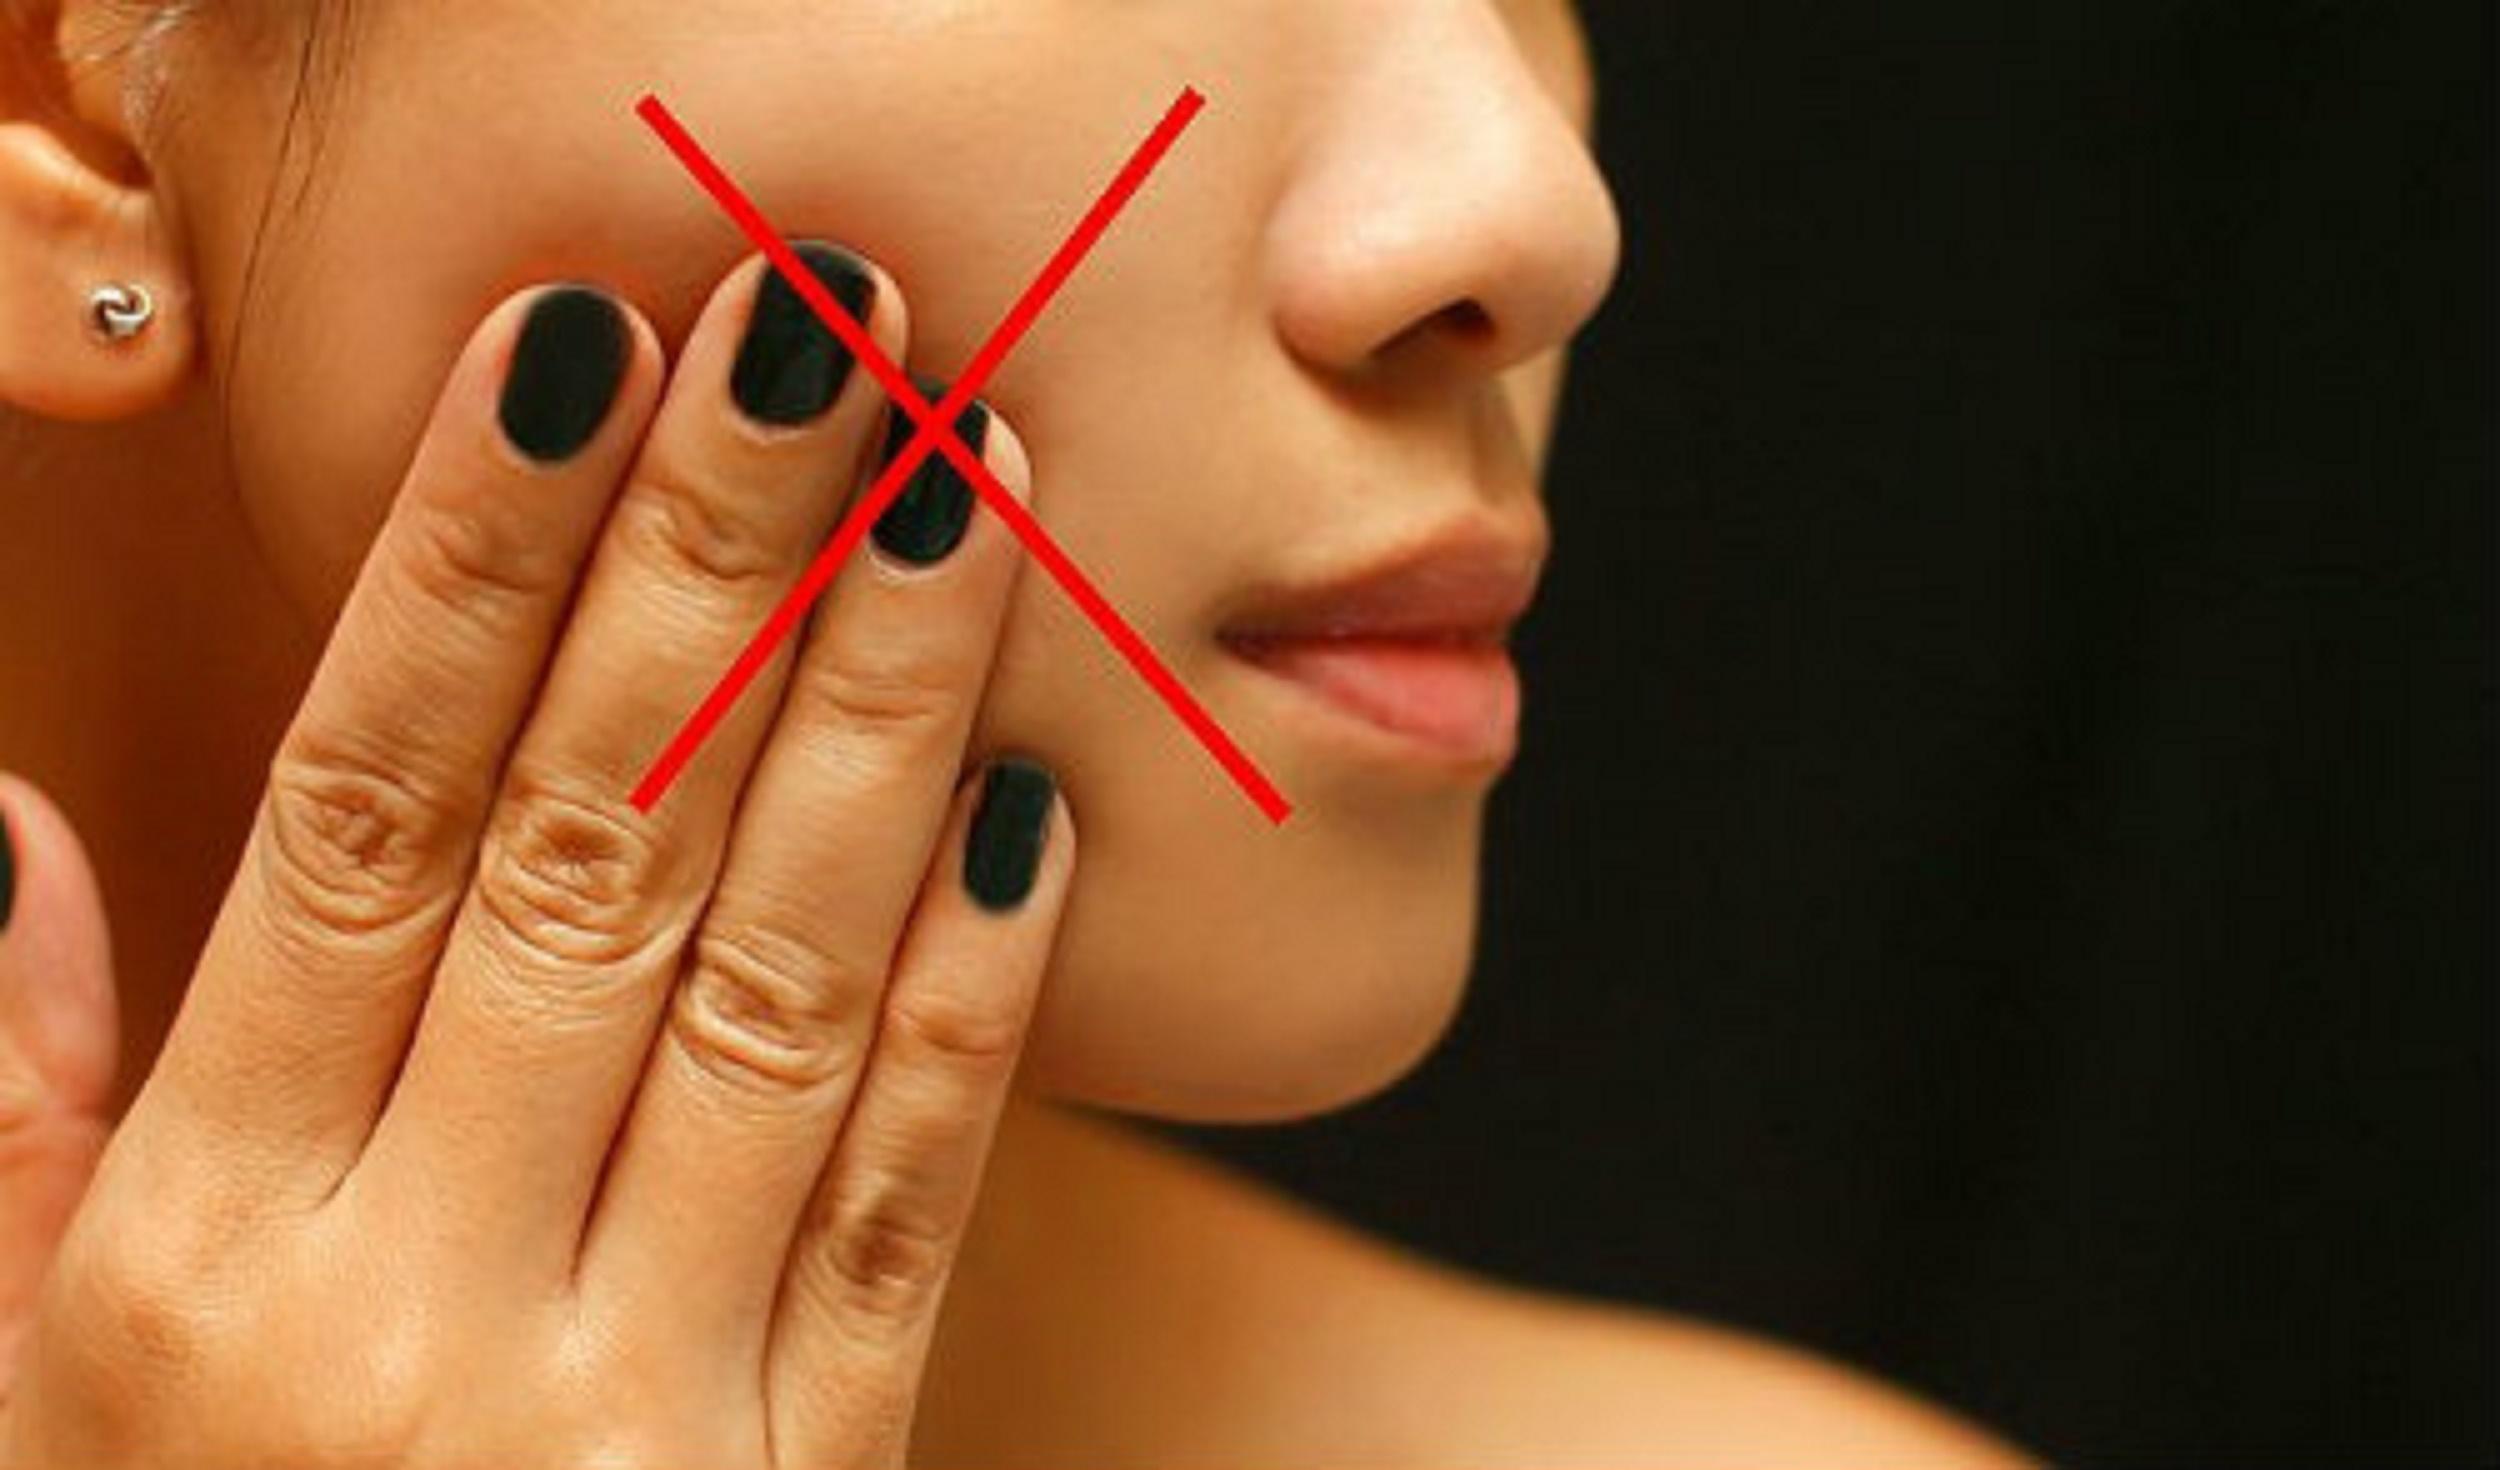 Mặt đang bị mụn thì nên tránh 5 việc sau để mụn không nổi nghiêm trọng hơn - Ảnh 1.